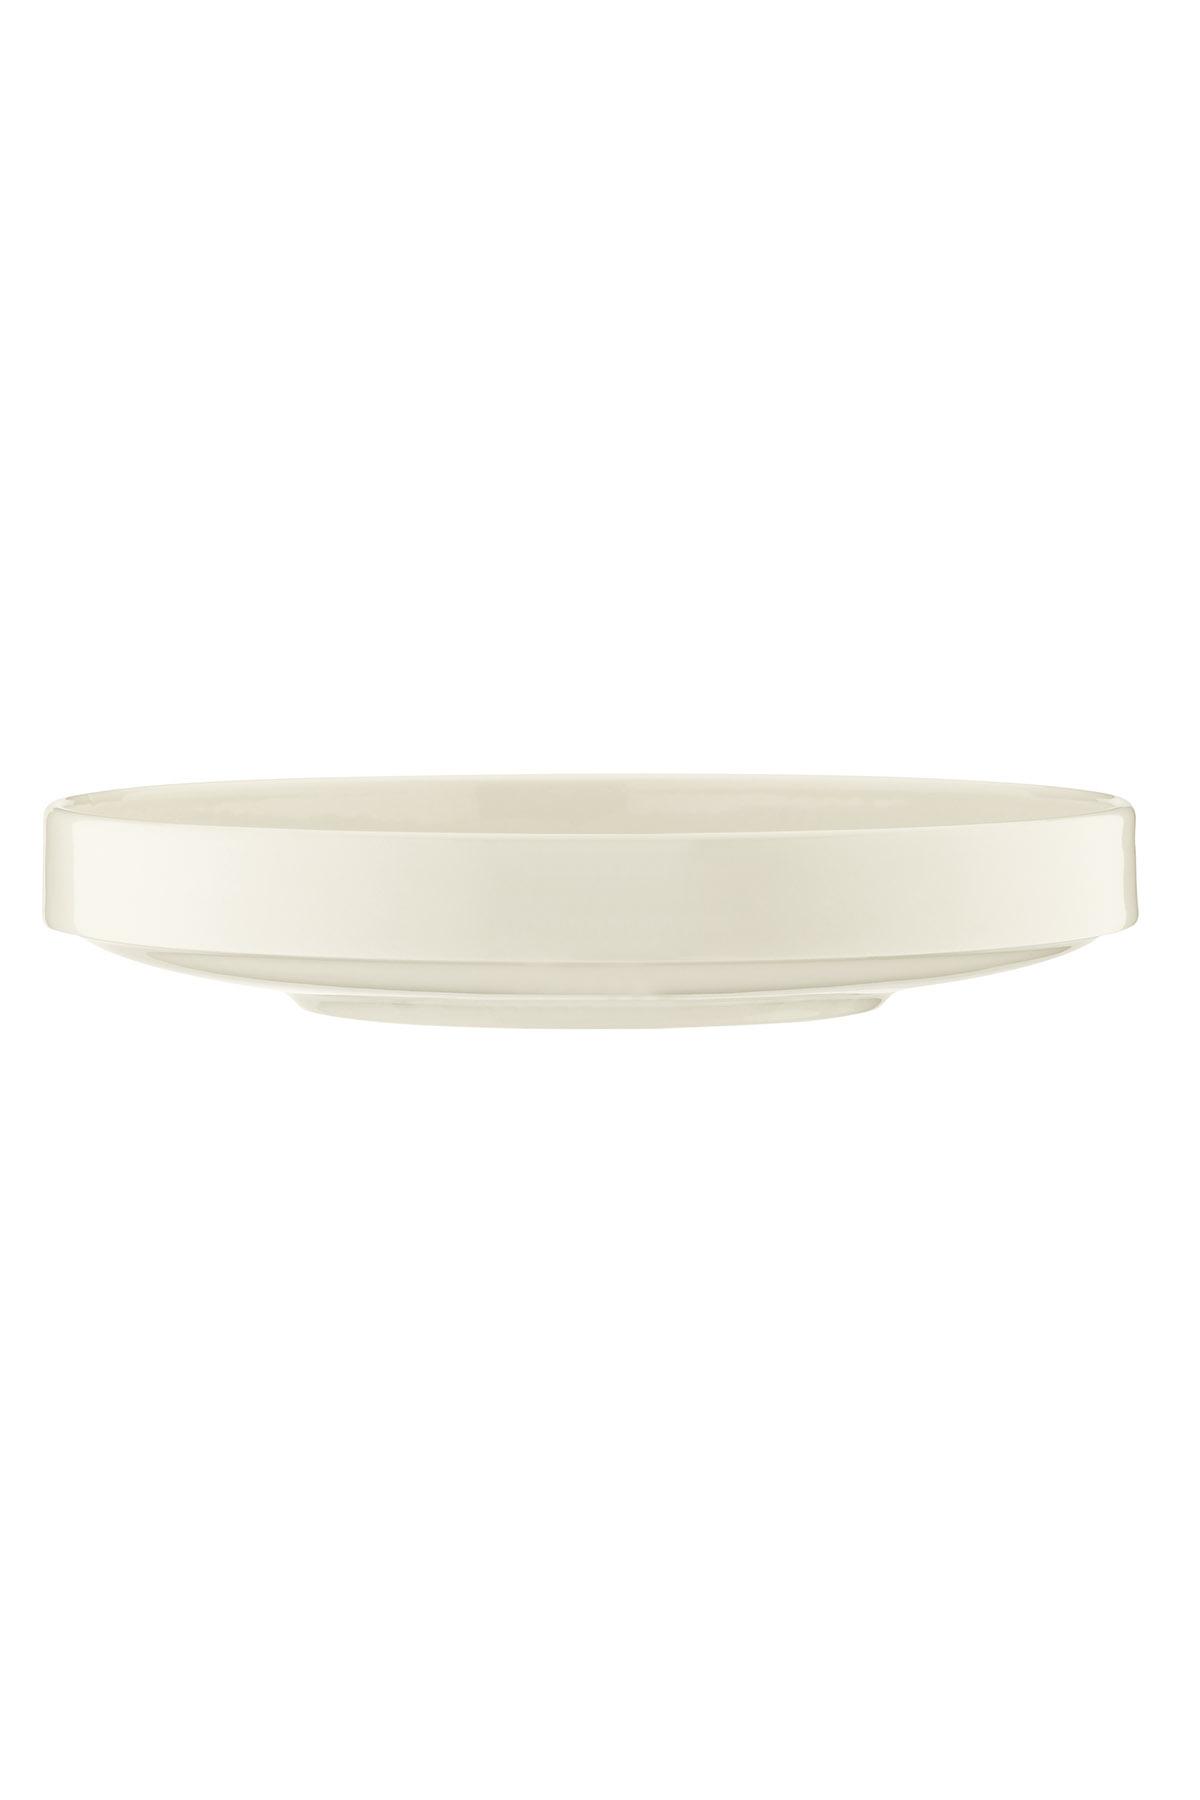 Kütahya Porselen - Kütahya Porselen Chef Taste Of 24 cm Çukur Tabak Krem